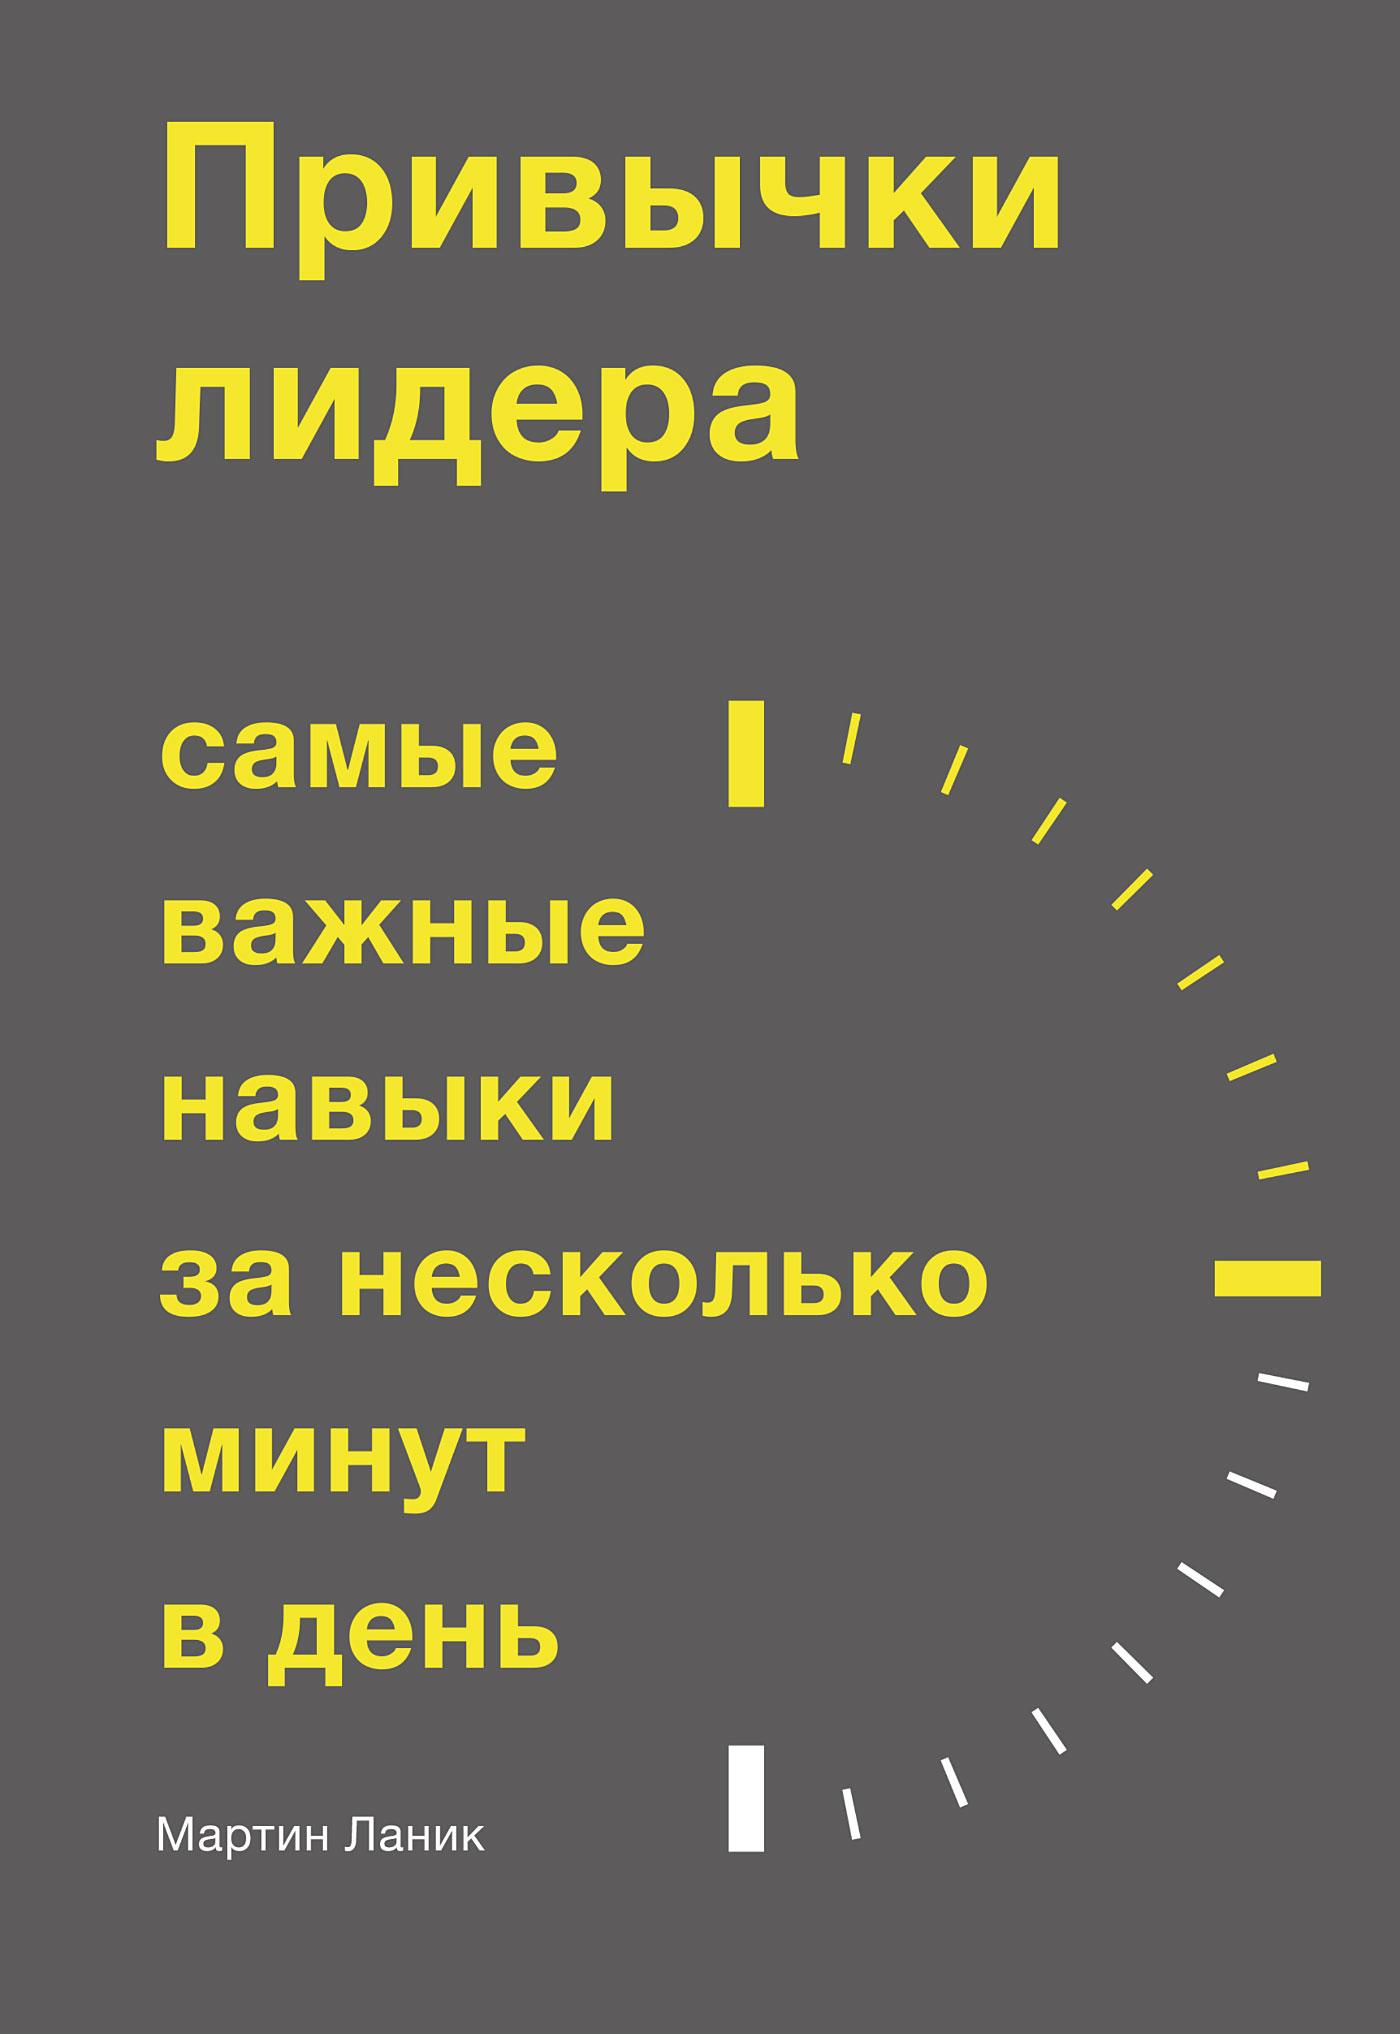 Обложка книги Привычки лидера. Самые важные навыки за несколько минут в день